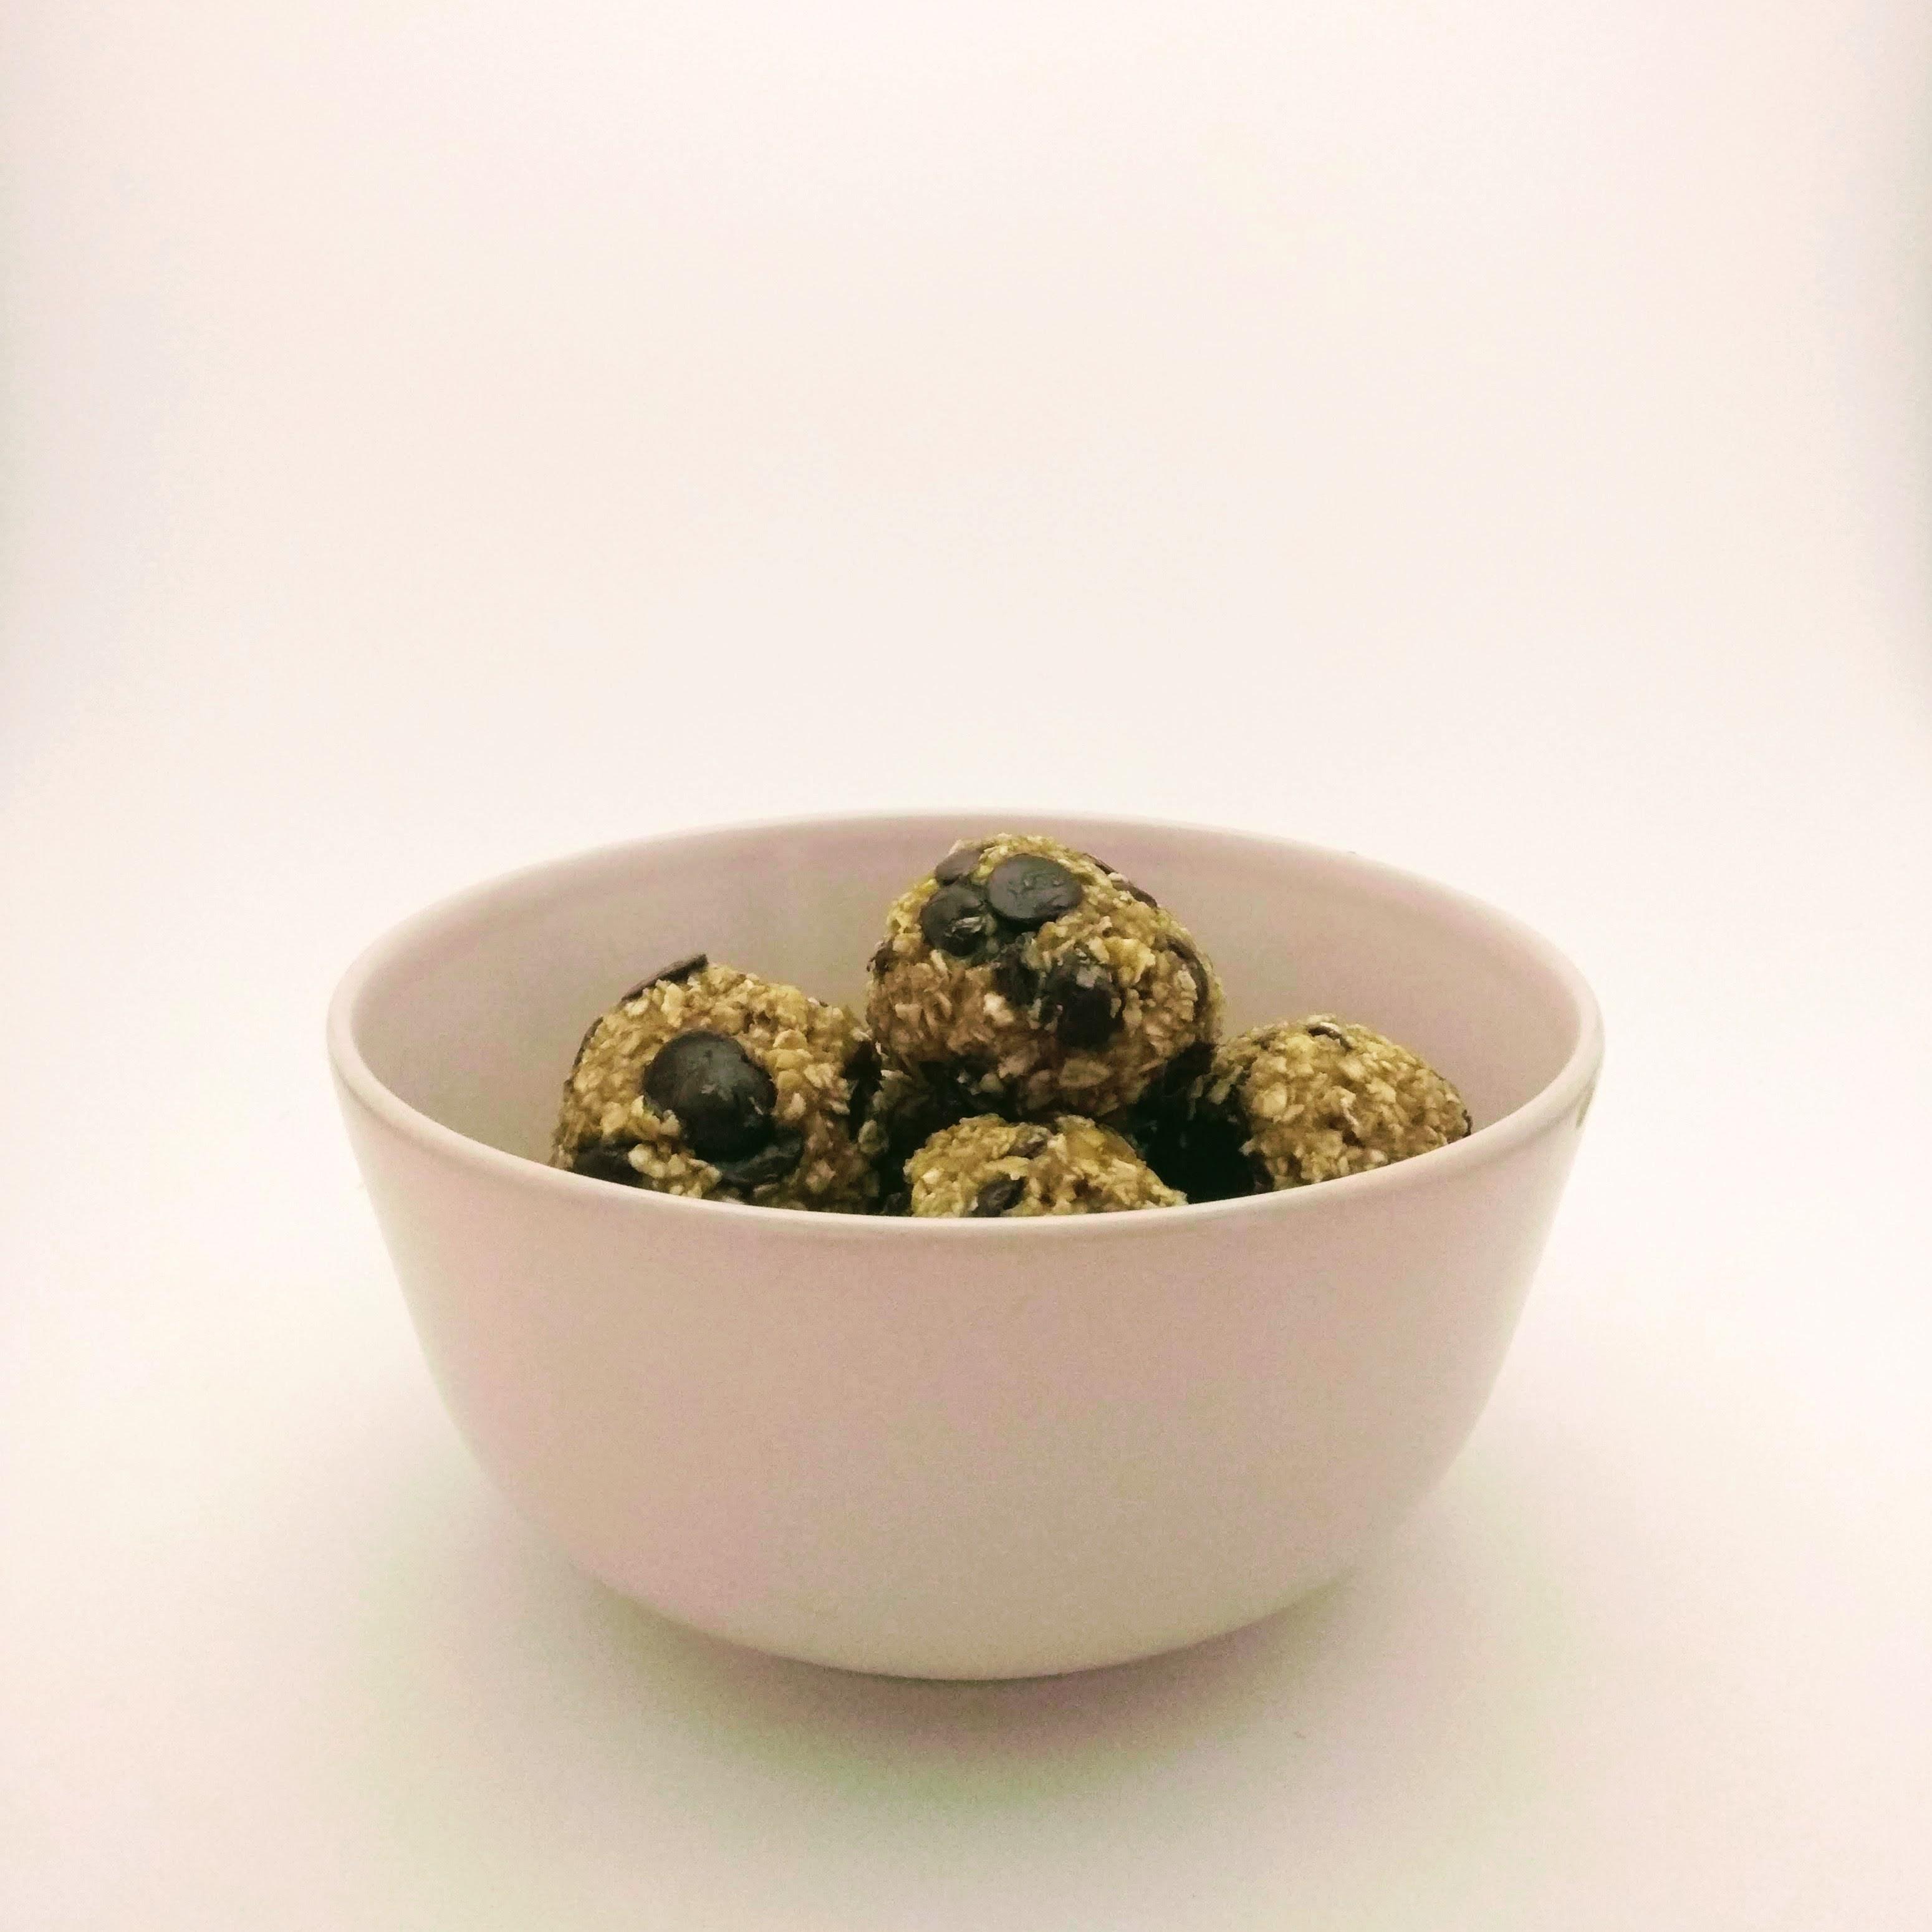 Receta de snacks saludables de avena y chocolate. Descúbrela en: www.cocinandoconlola.com